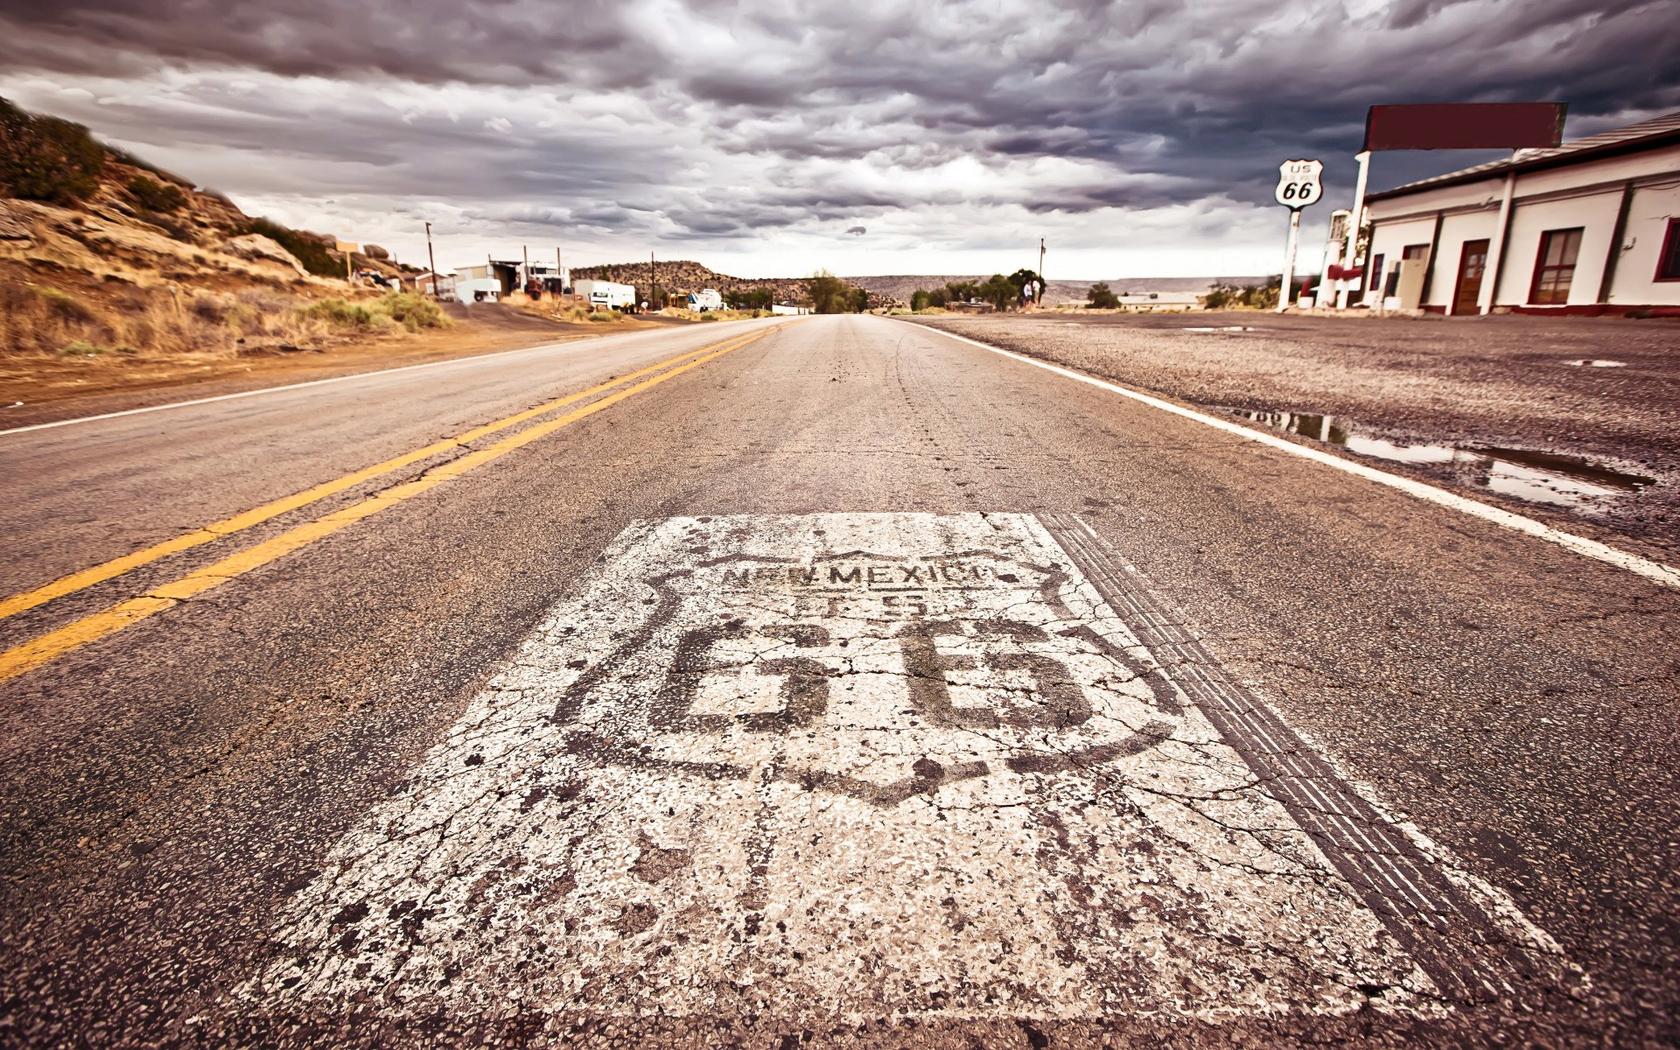 仅凭一条山路成就世界遗产,不吹不黑,碾压66号公路